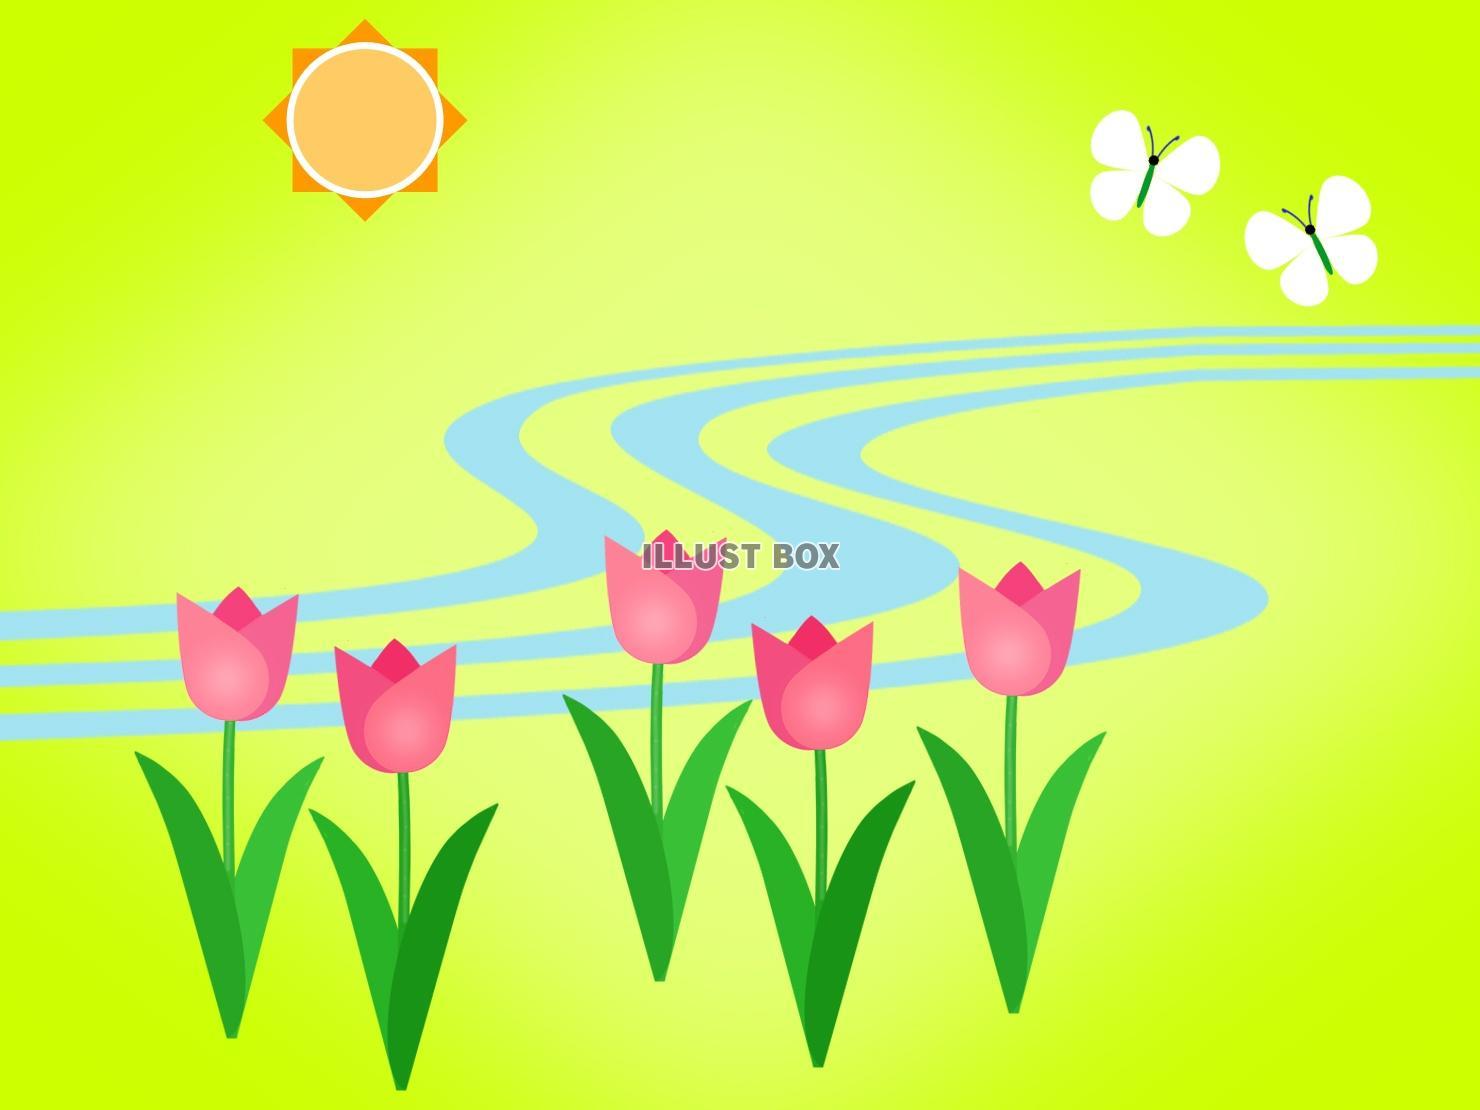 無料イラスト 春の風景、蝶々チューリップ太陽のイラスト